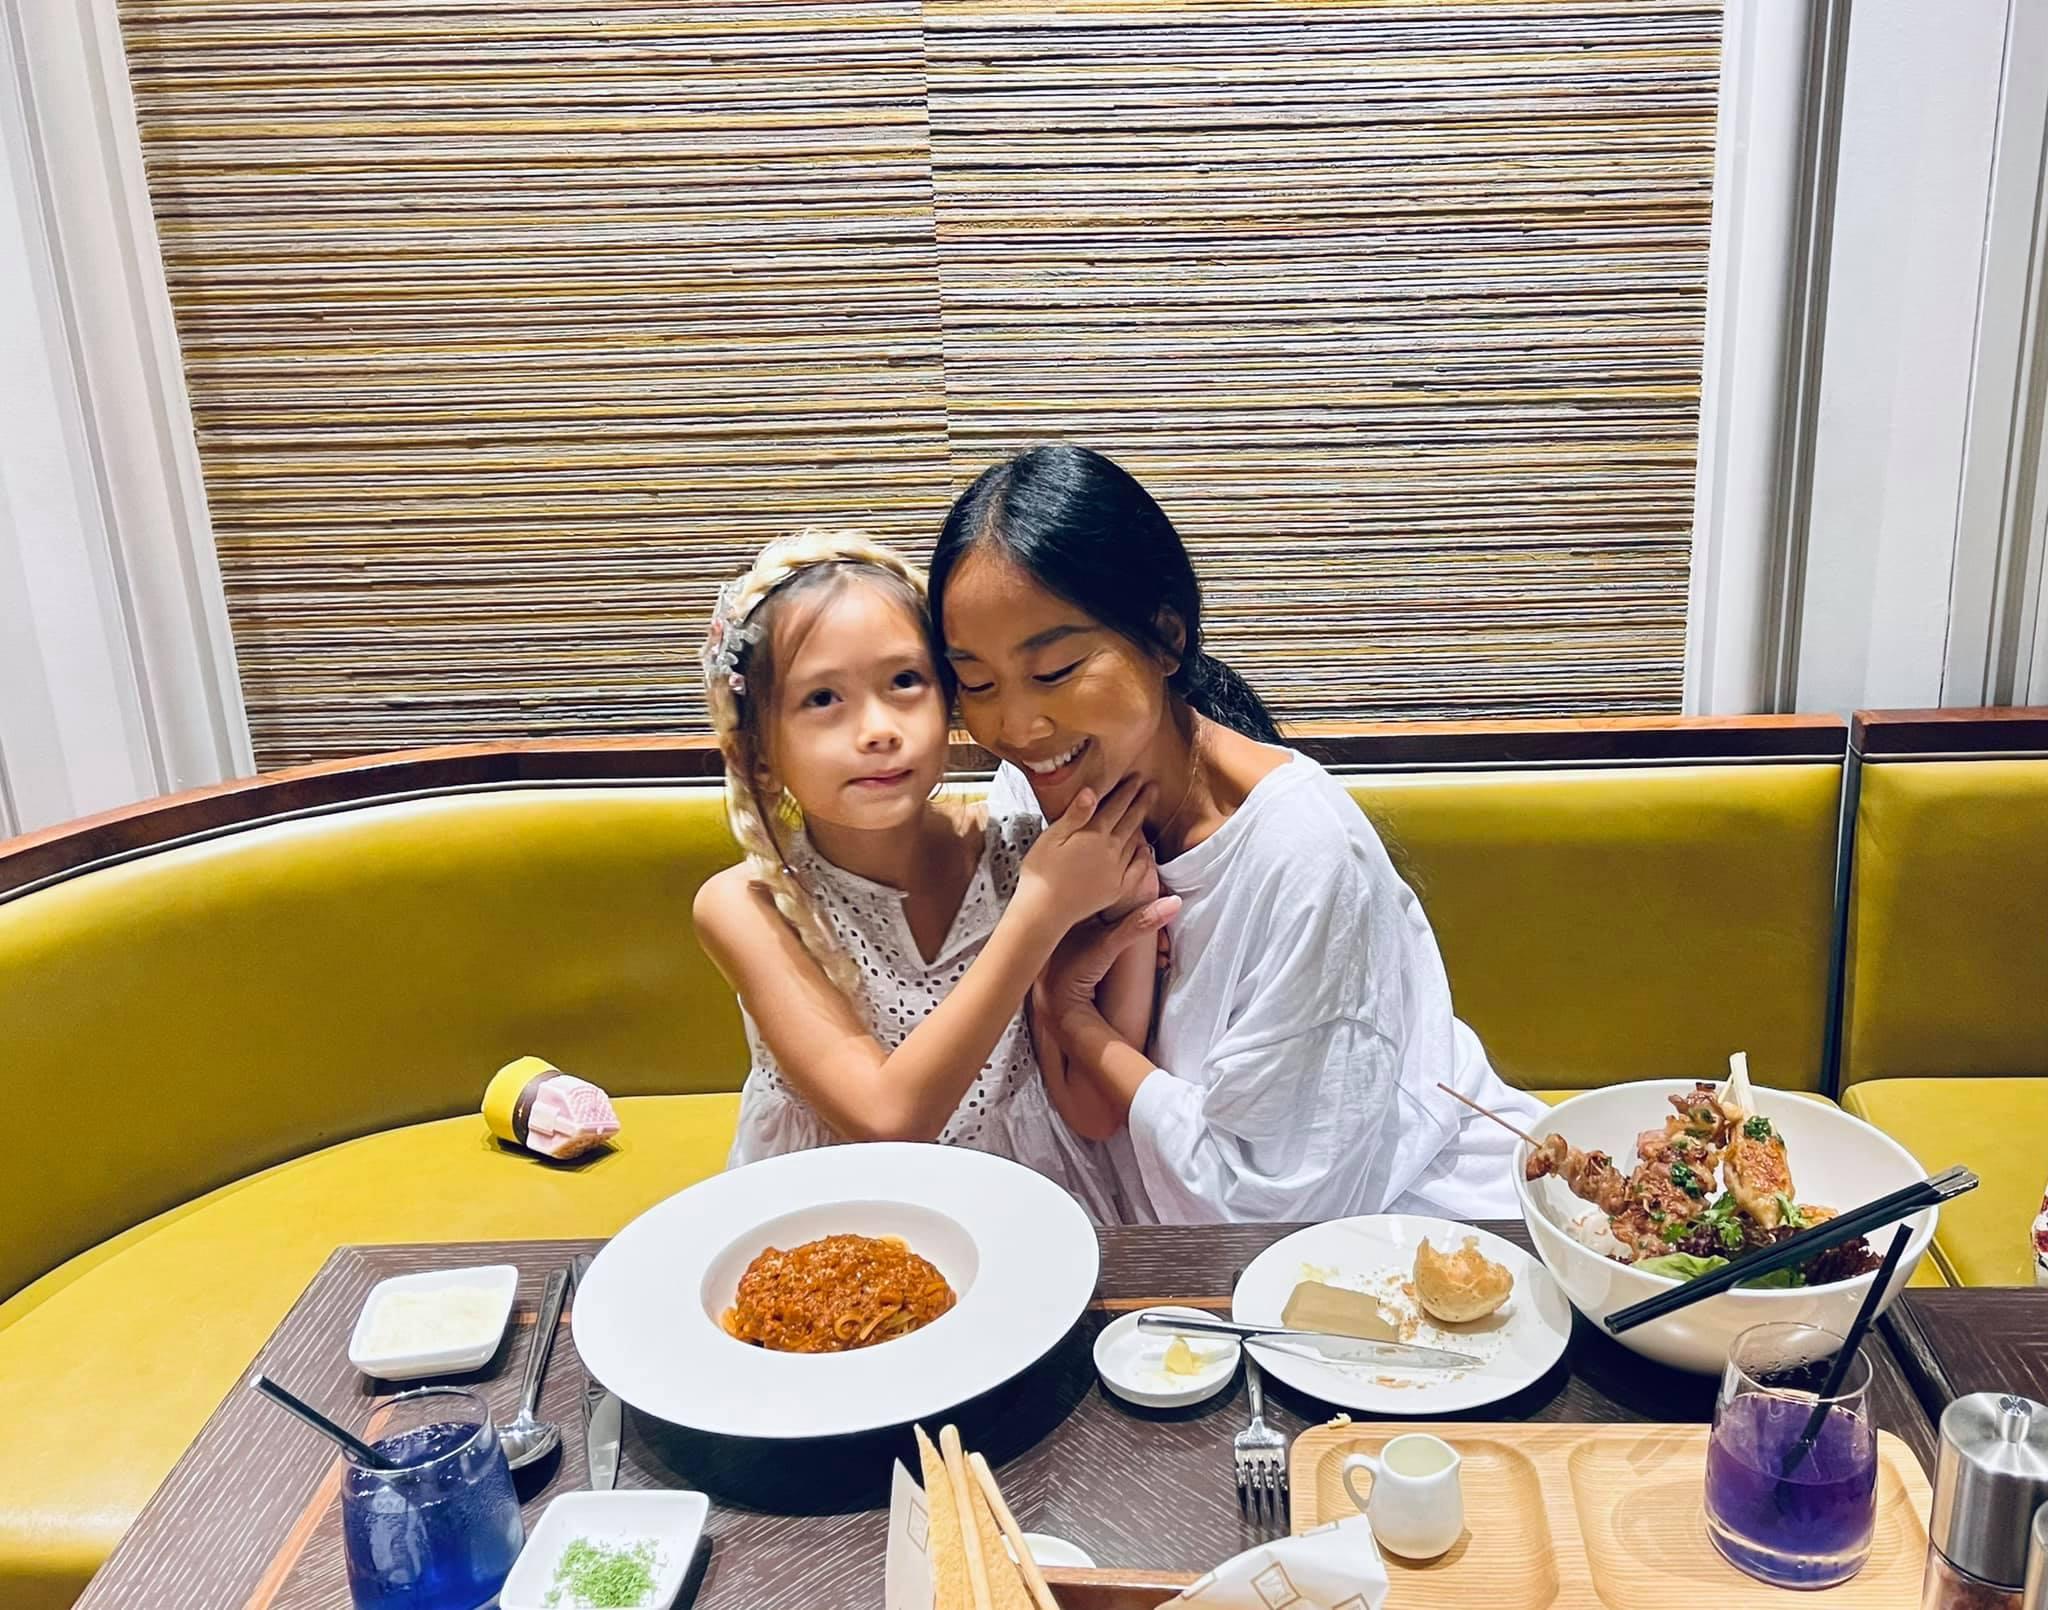 Con gái Đoan Trang bùng nổ visual qua bộ ảnh mẹ chụp, mới bé xíu mà thần thái và nhan sắc ra dáng mỹ nhân Vbiz tương lai! - Ảnh 6.